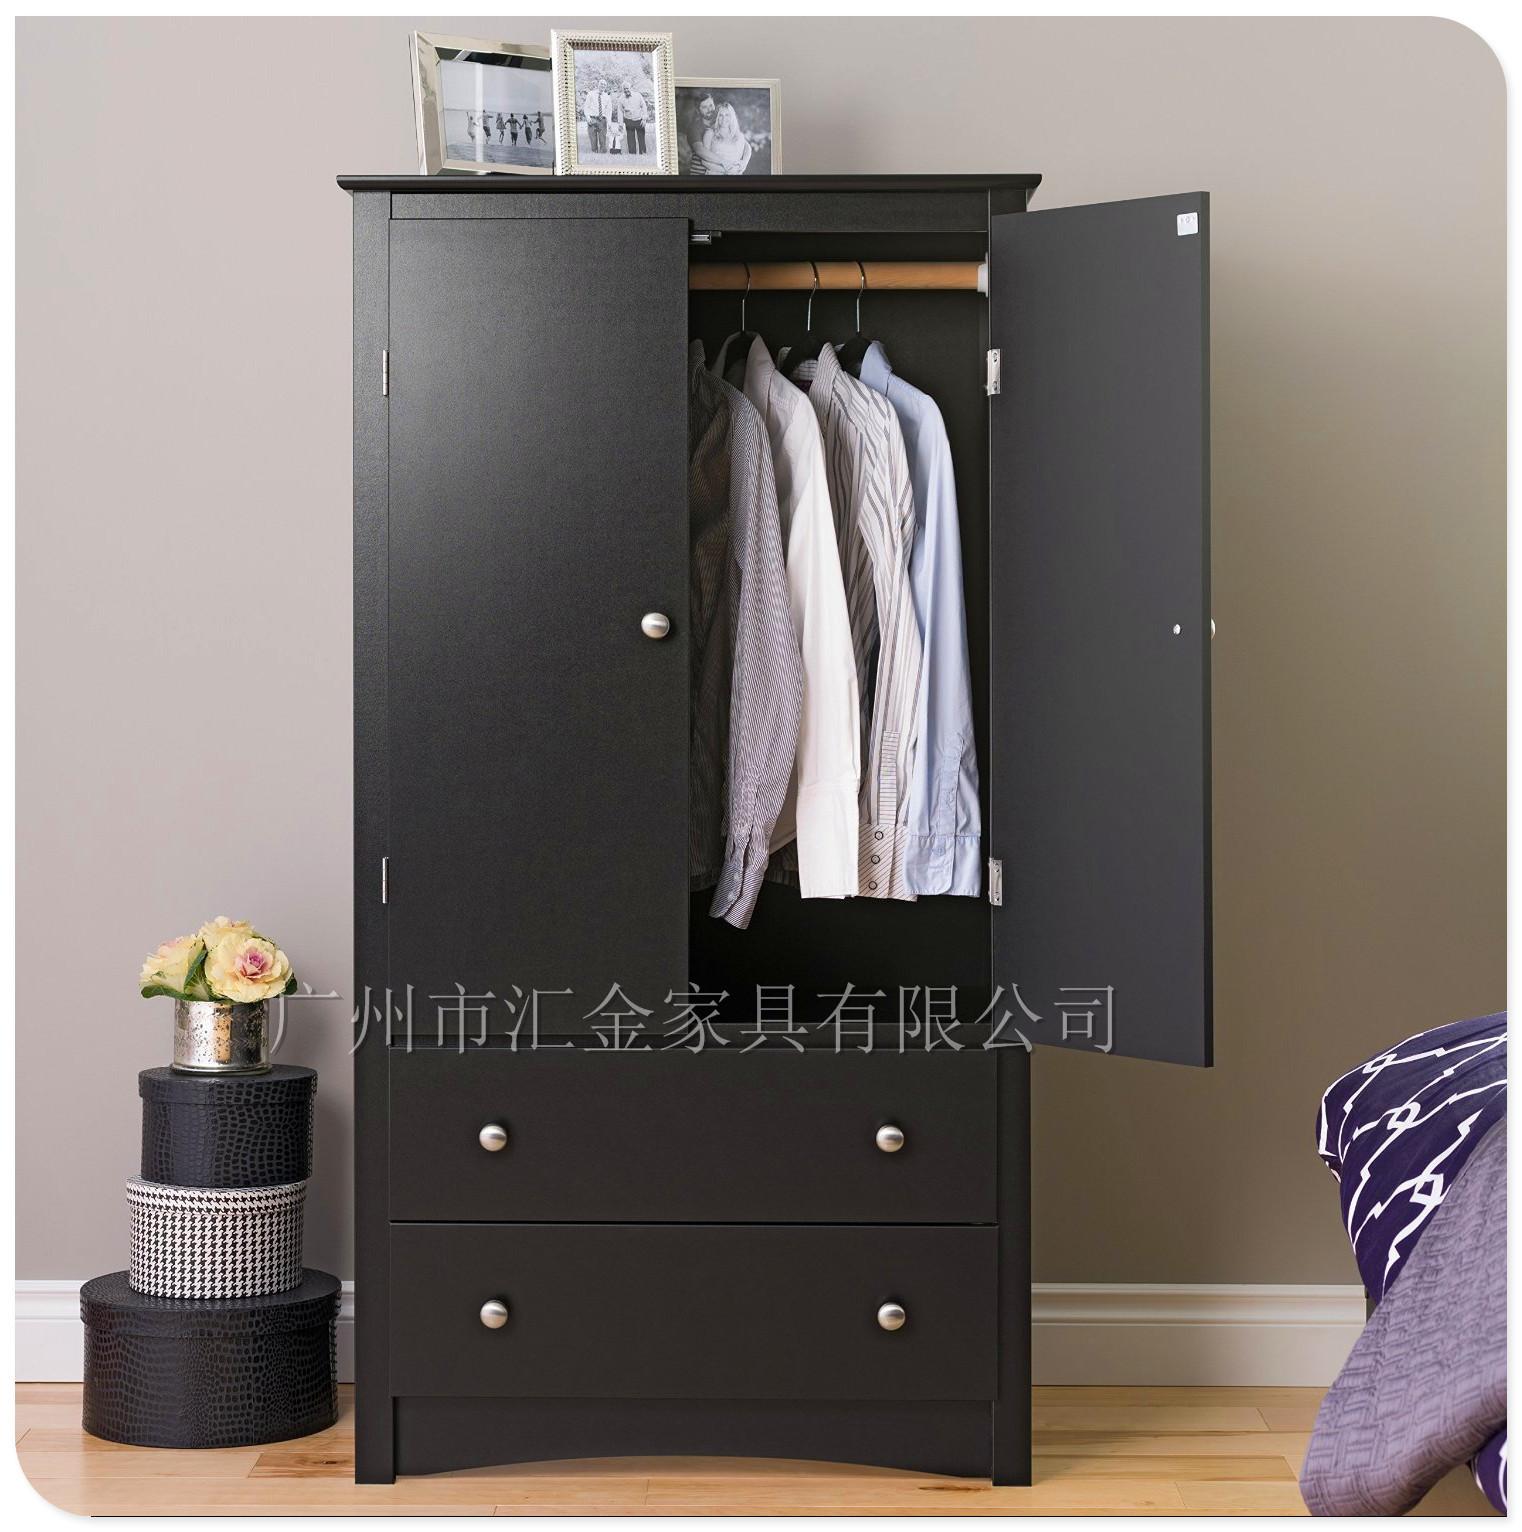 新品推荐 W-209www.35222.com简约实用两门三抽衣柜衣橱 组合衣柜可定制